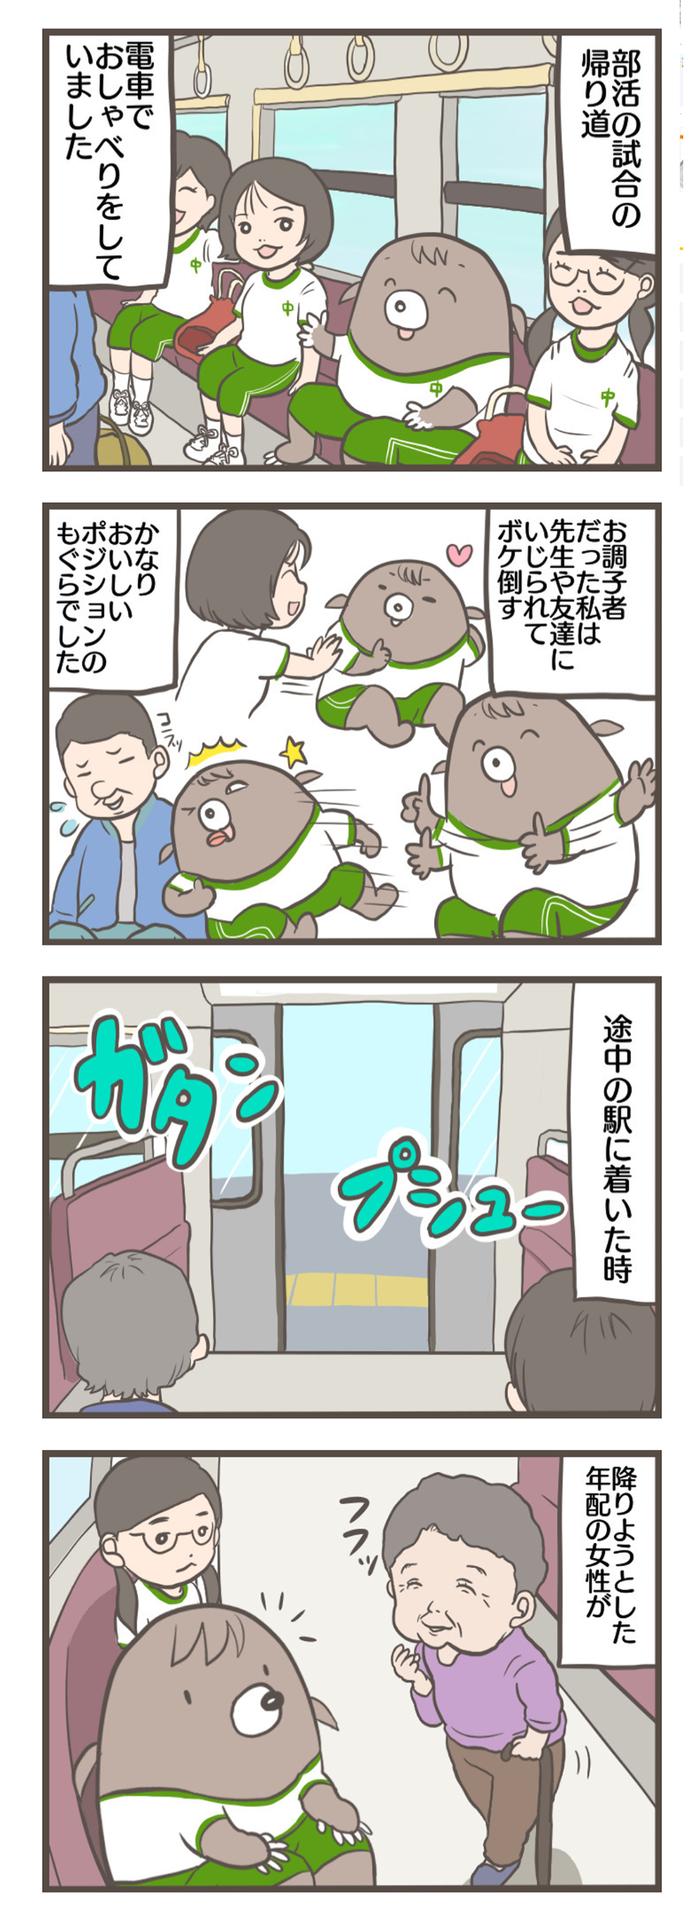 """「犬を触らせてください!」の練習!?…""""子ども時代の記憶""""記事4選!の画像2"""